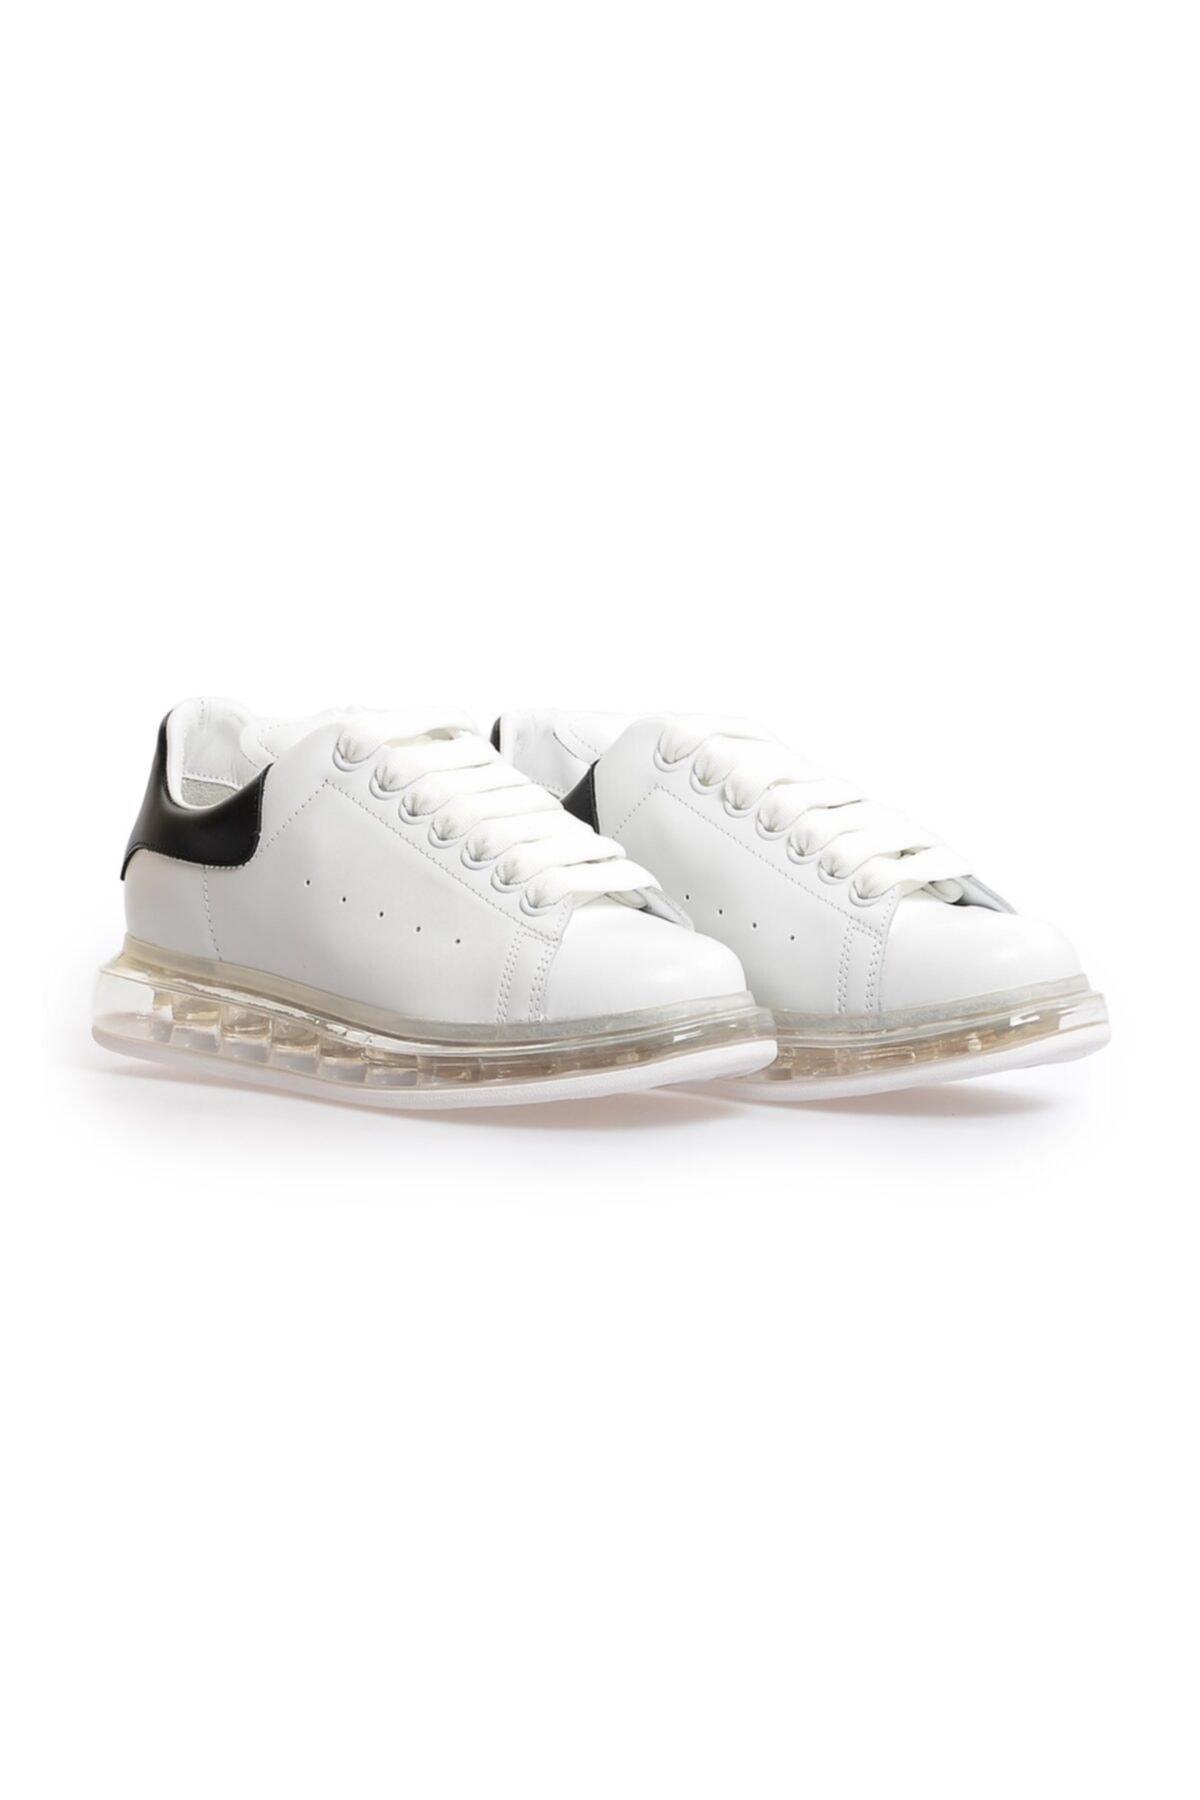 Flower Beyaz Siyah Deri Şeffaf Taban Kadın Sneakers 2